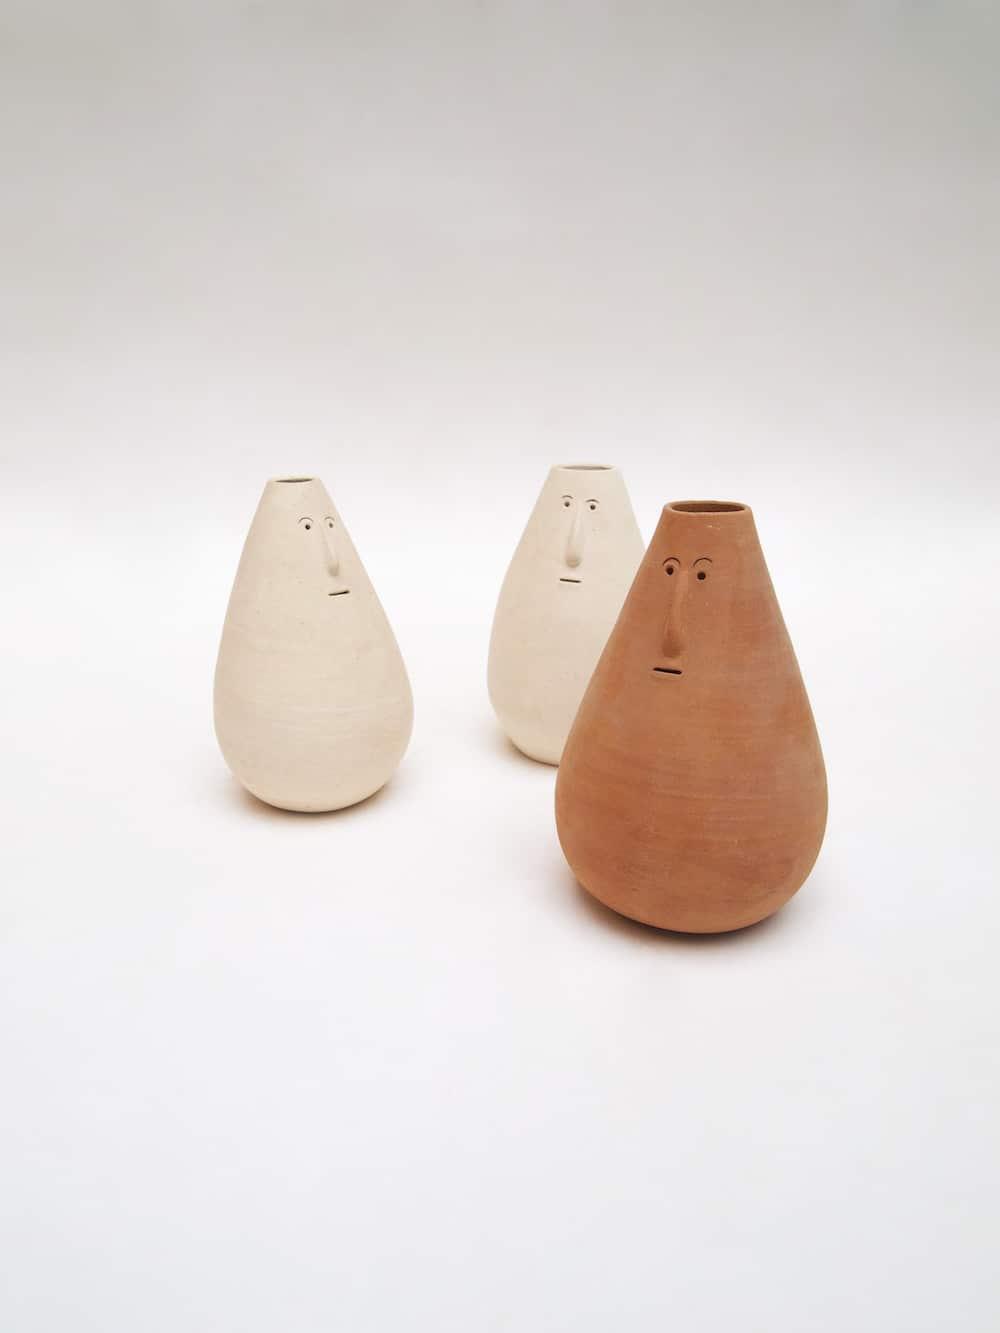 Drei Keramikfiguren mit Gesichter von Aman Khanna aus Indien